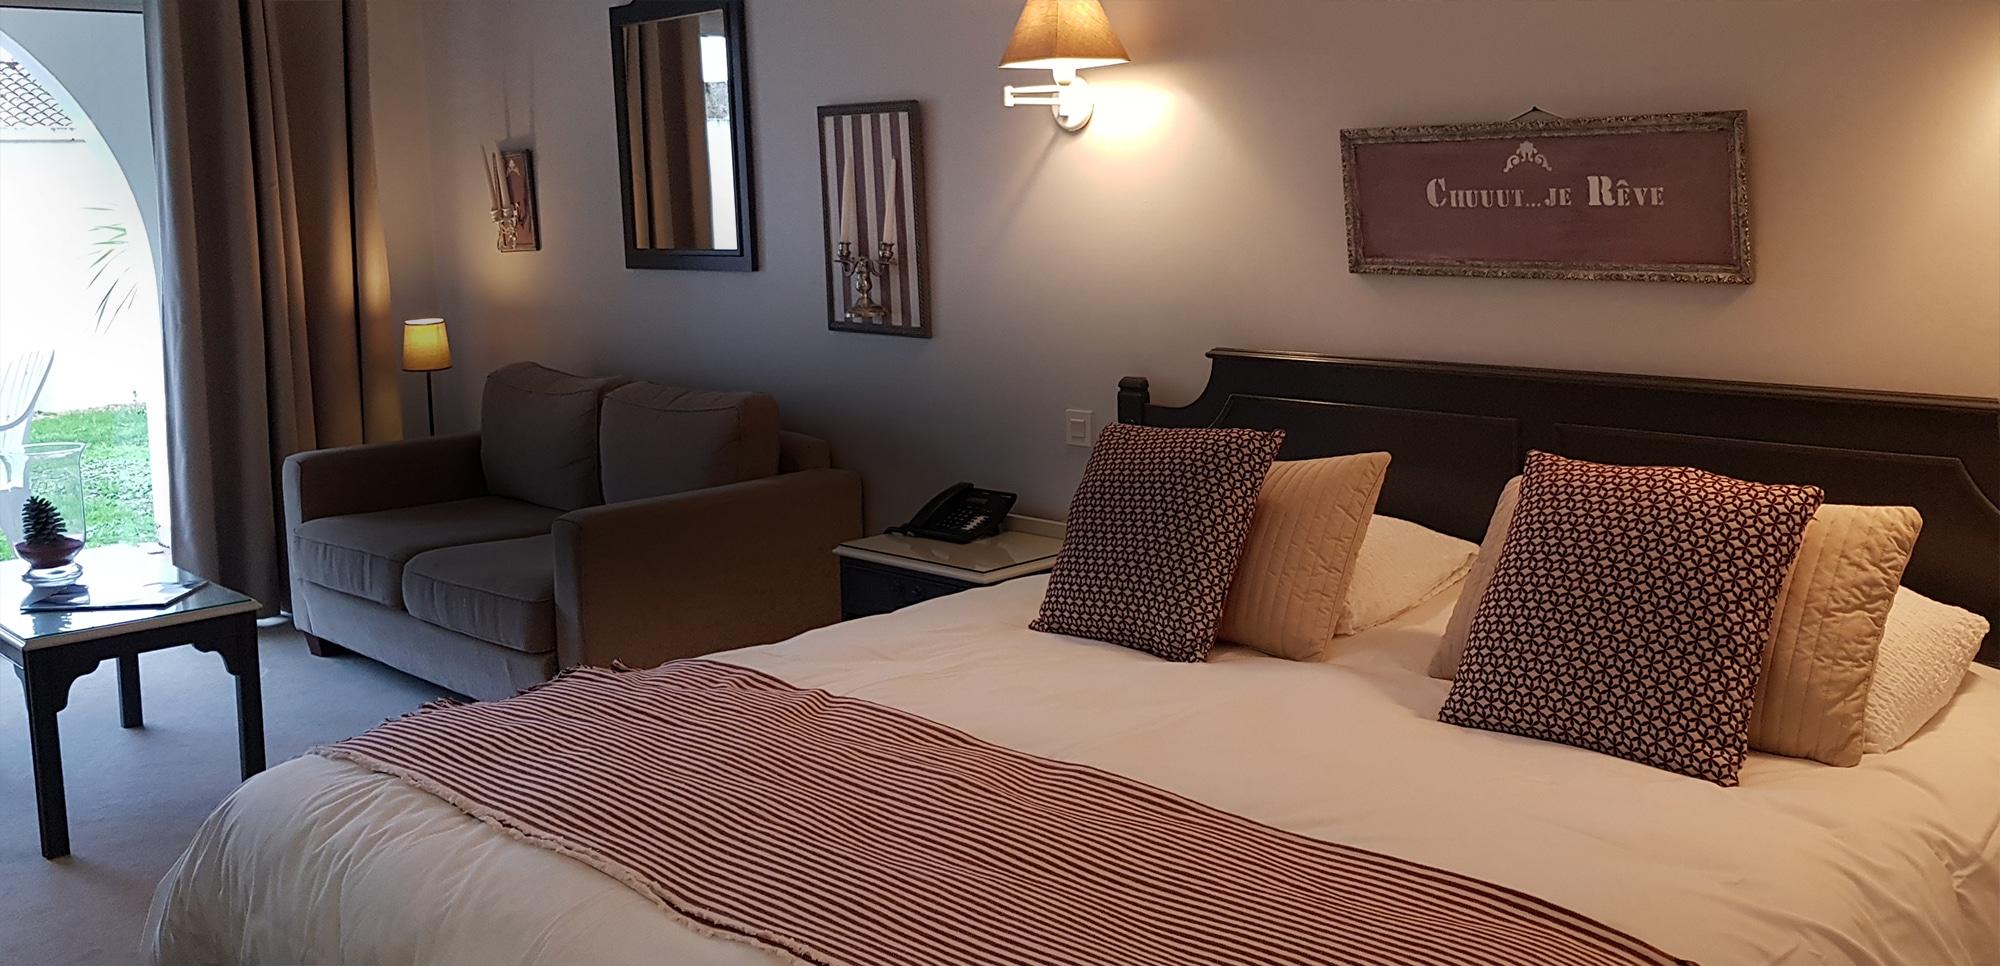 Hôtel de charme Les Voyageurs - Chambre